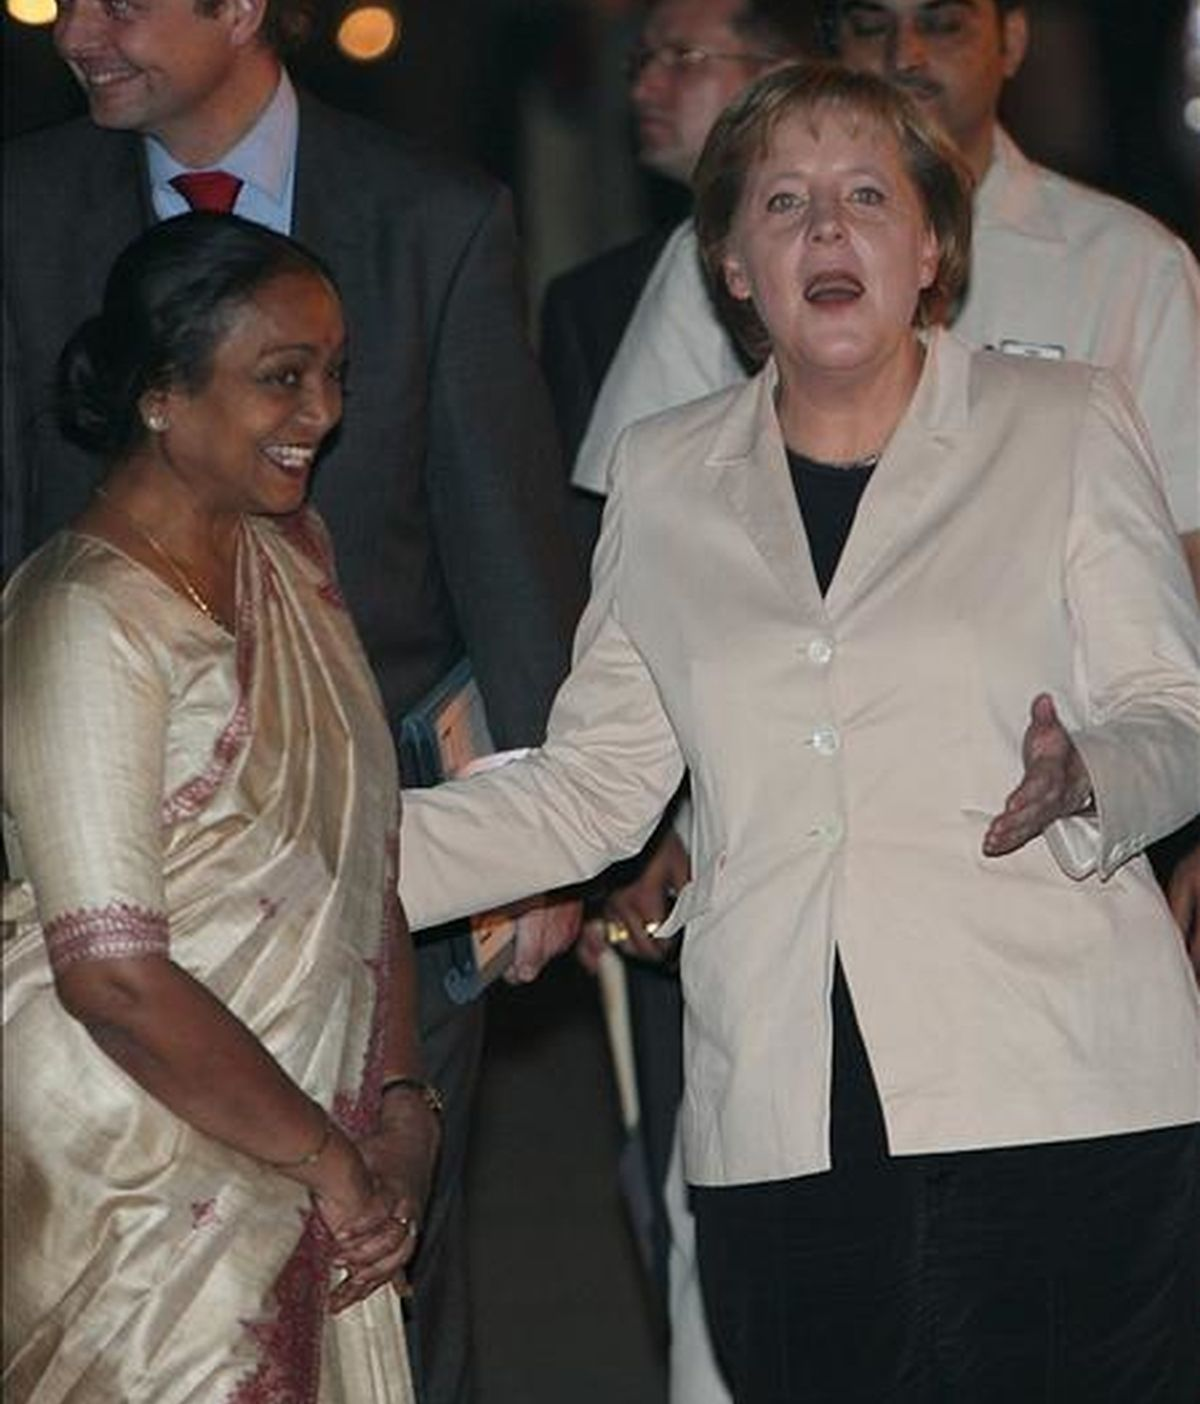 Imagen tomada en la 2007 en la que aparece la canciller alemana Angela Merkel (d) y la entonces  ministra india de Justicia Social , Meira Kumar,  (i) durante la visita oficial que Merkel efectuó a la India. EFE/Archivo